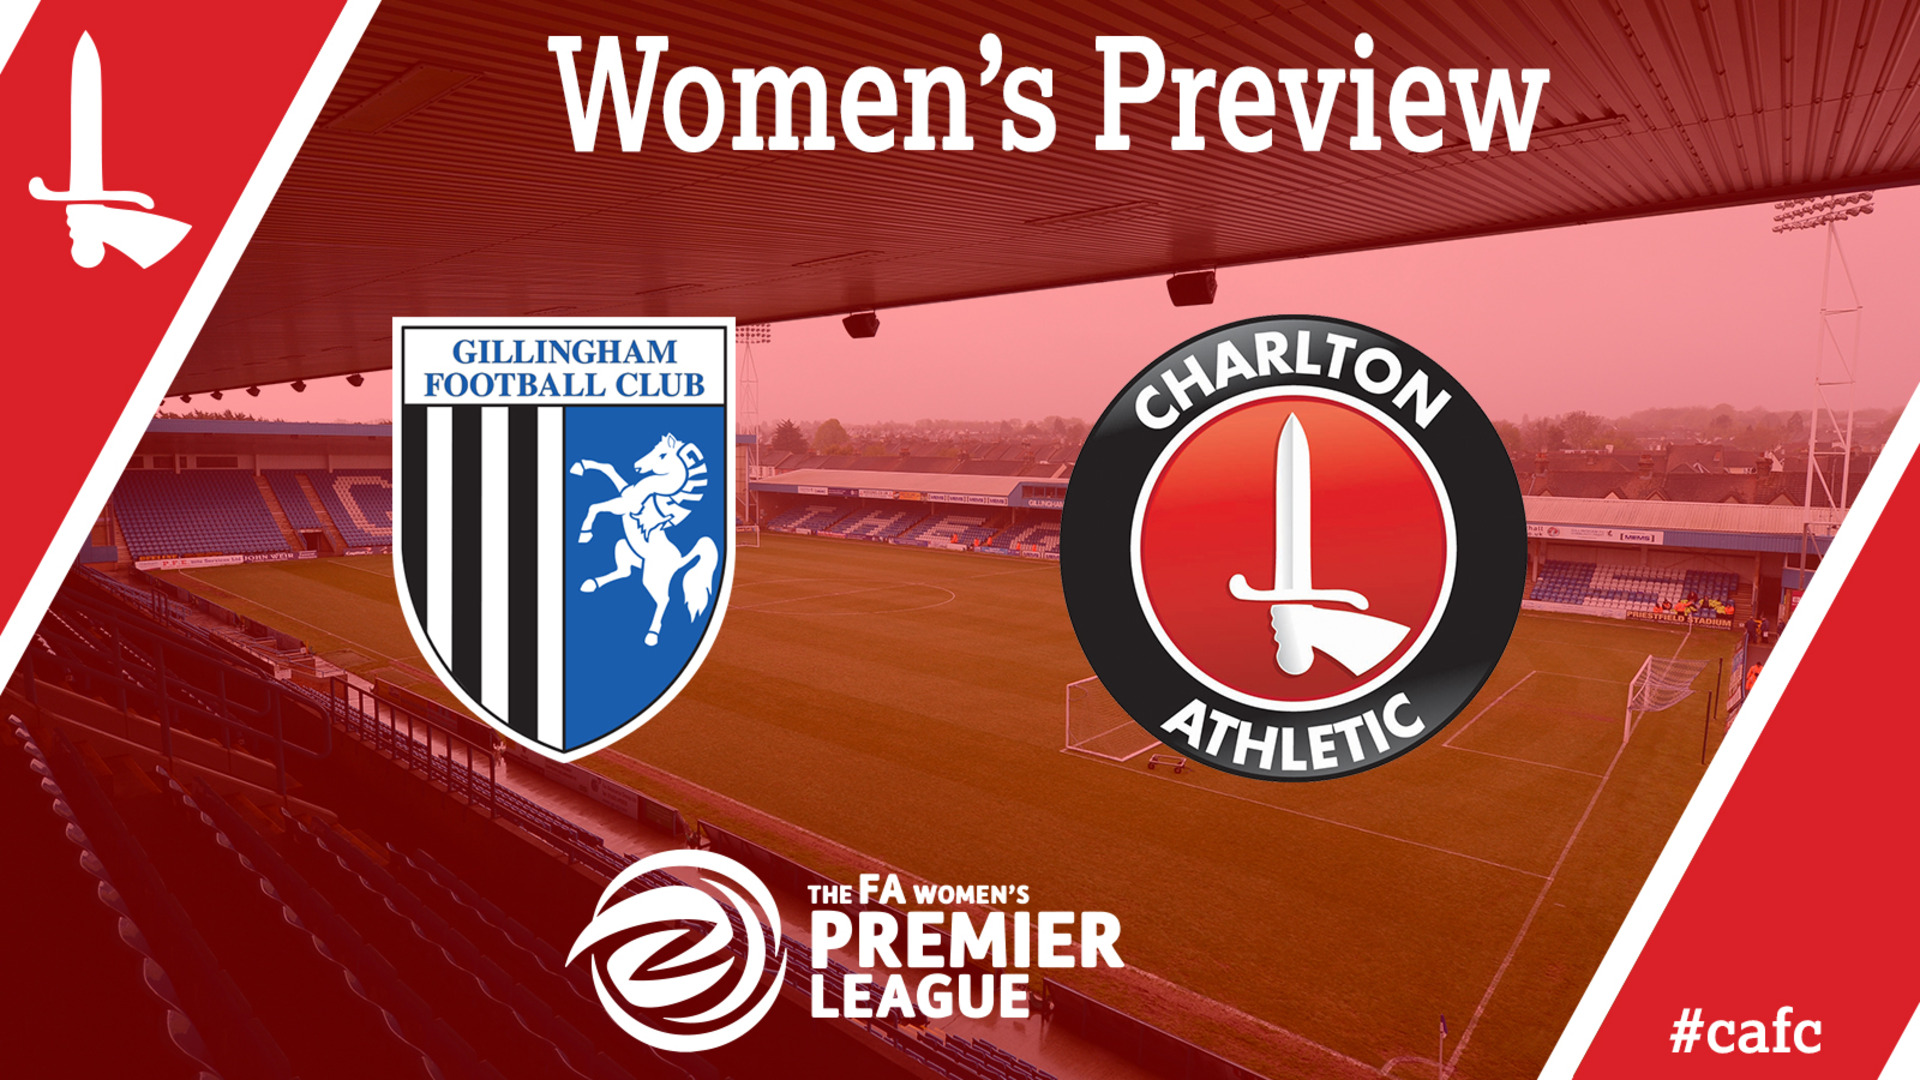 WOMEN MATCH PREVIEW | Gillingham vs Charlton